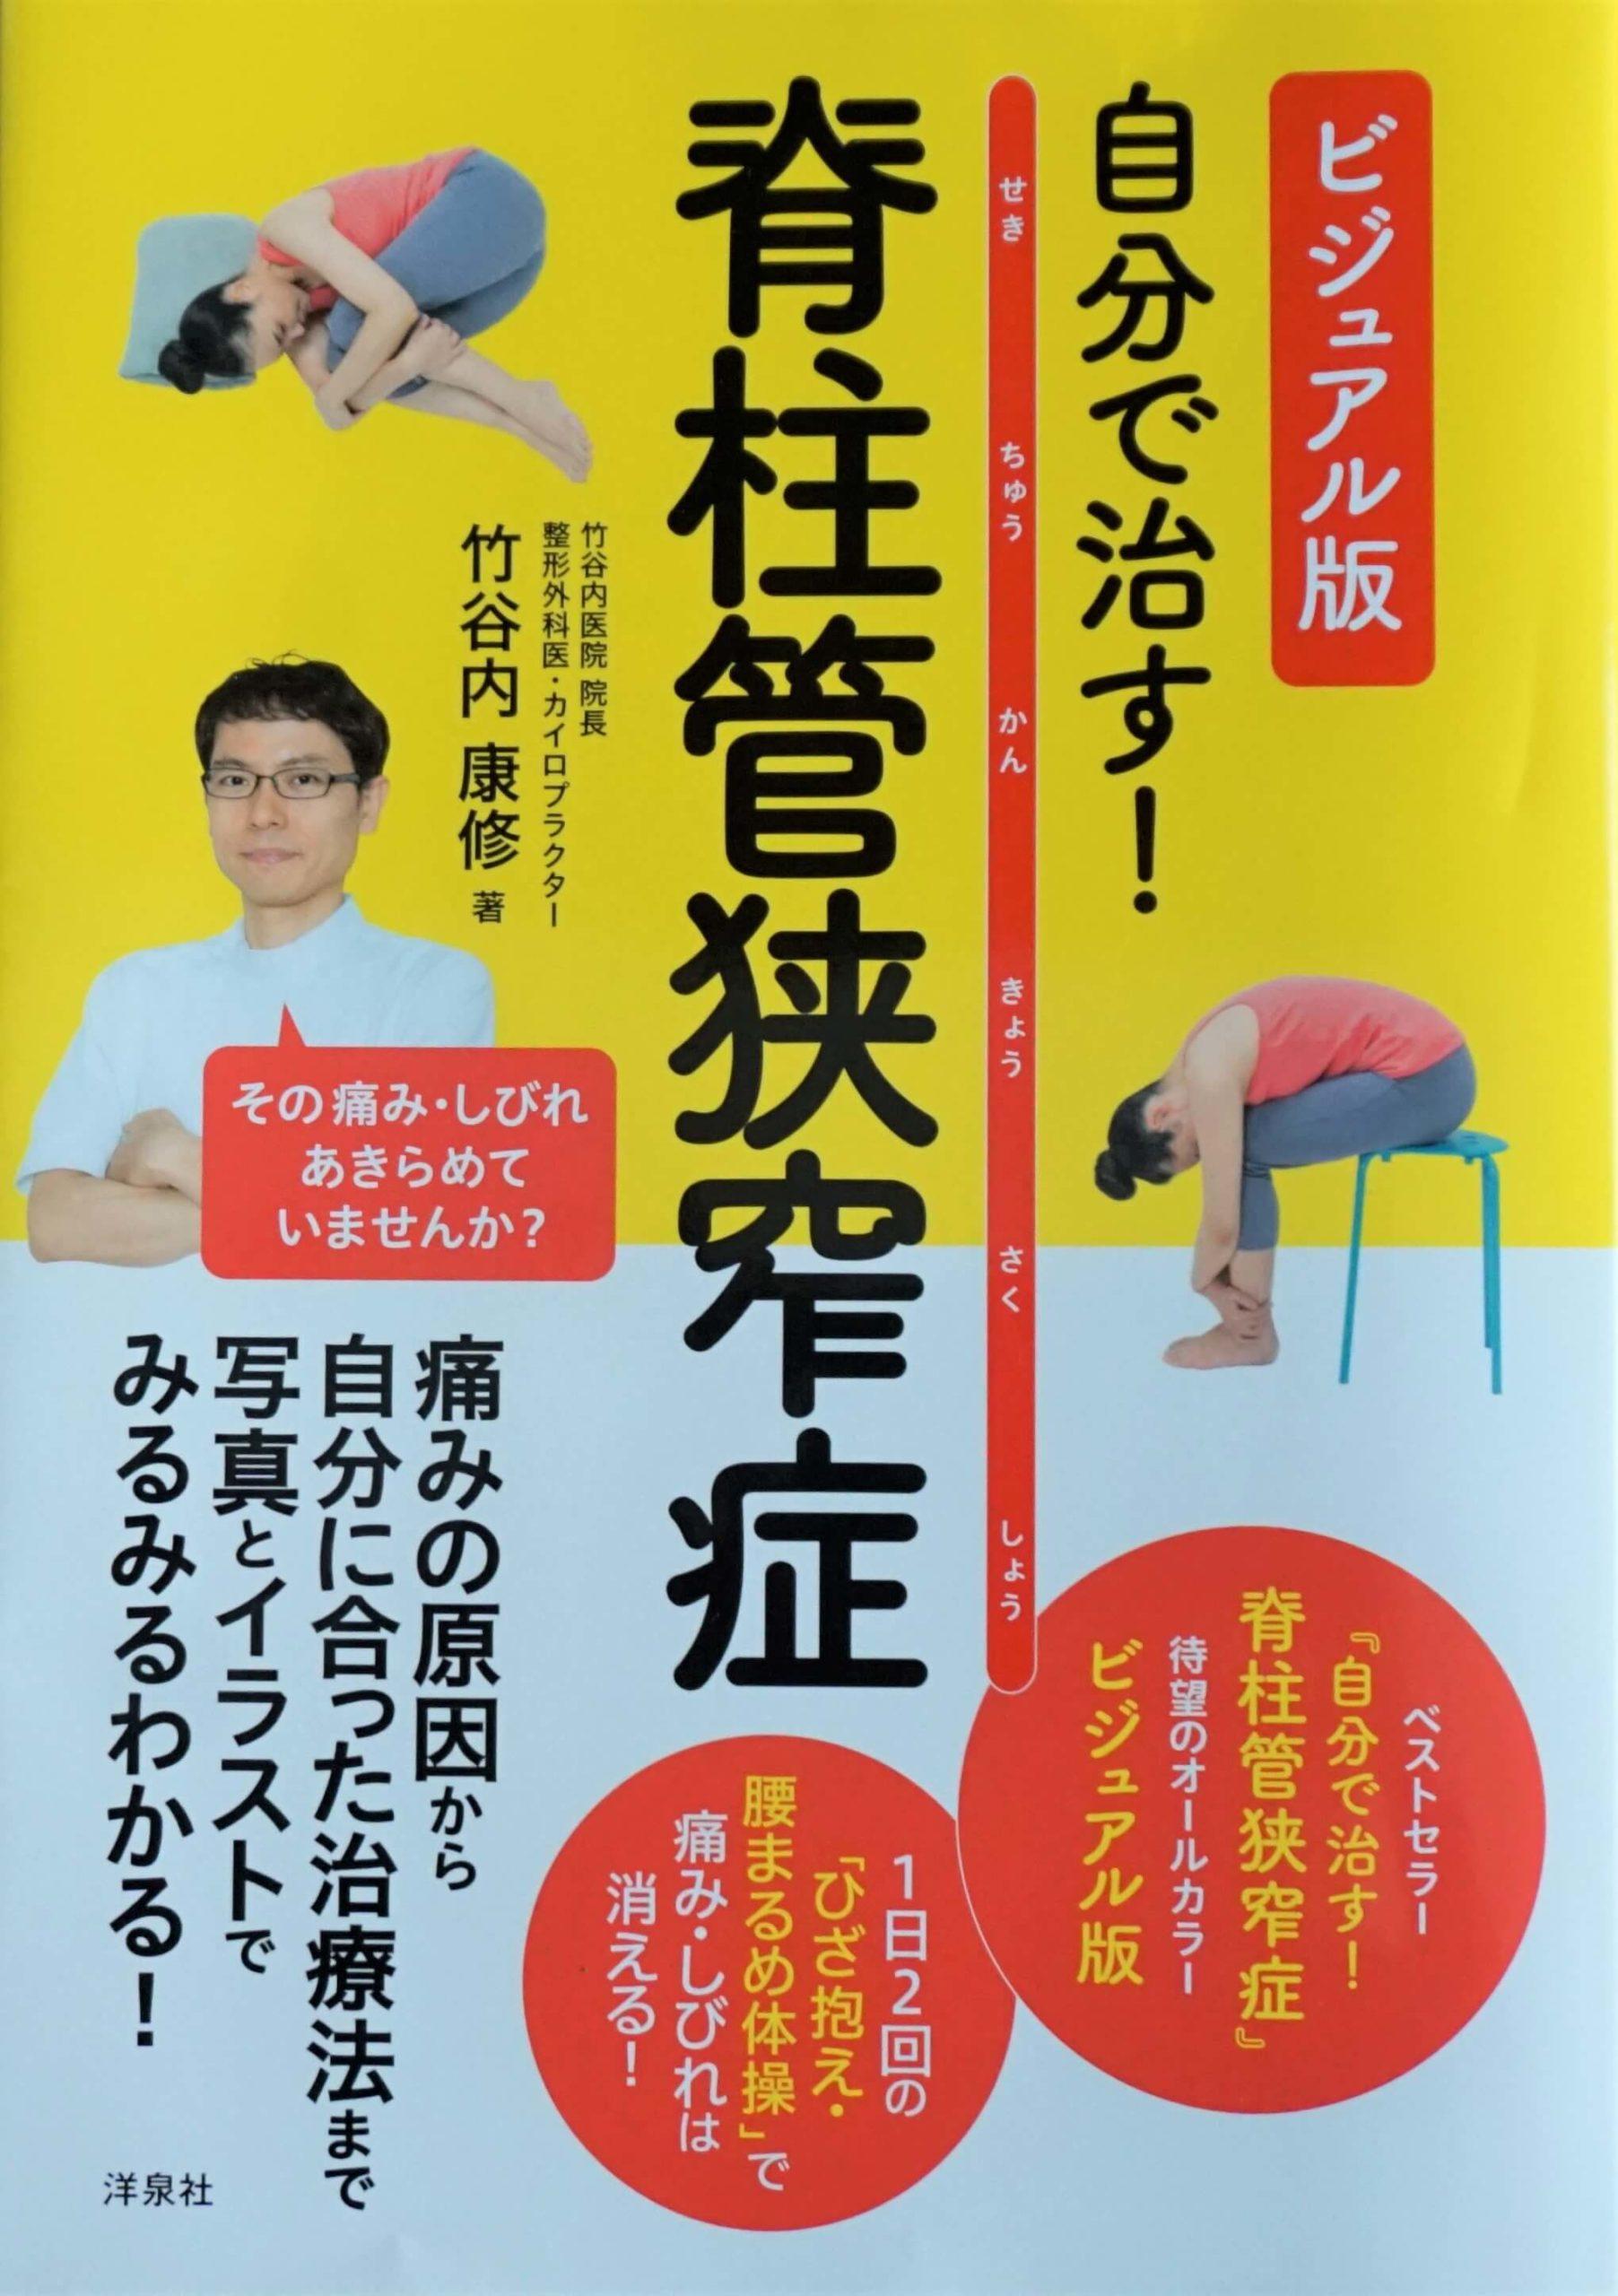 ビジュアル版 自分で治す! 脊柱管狭窄症